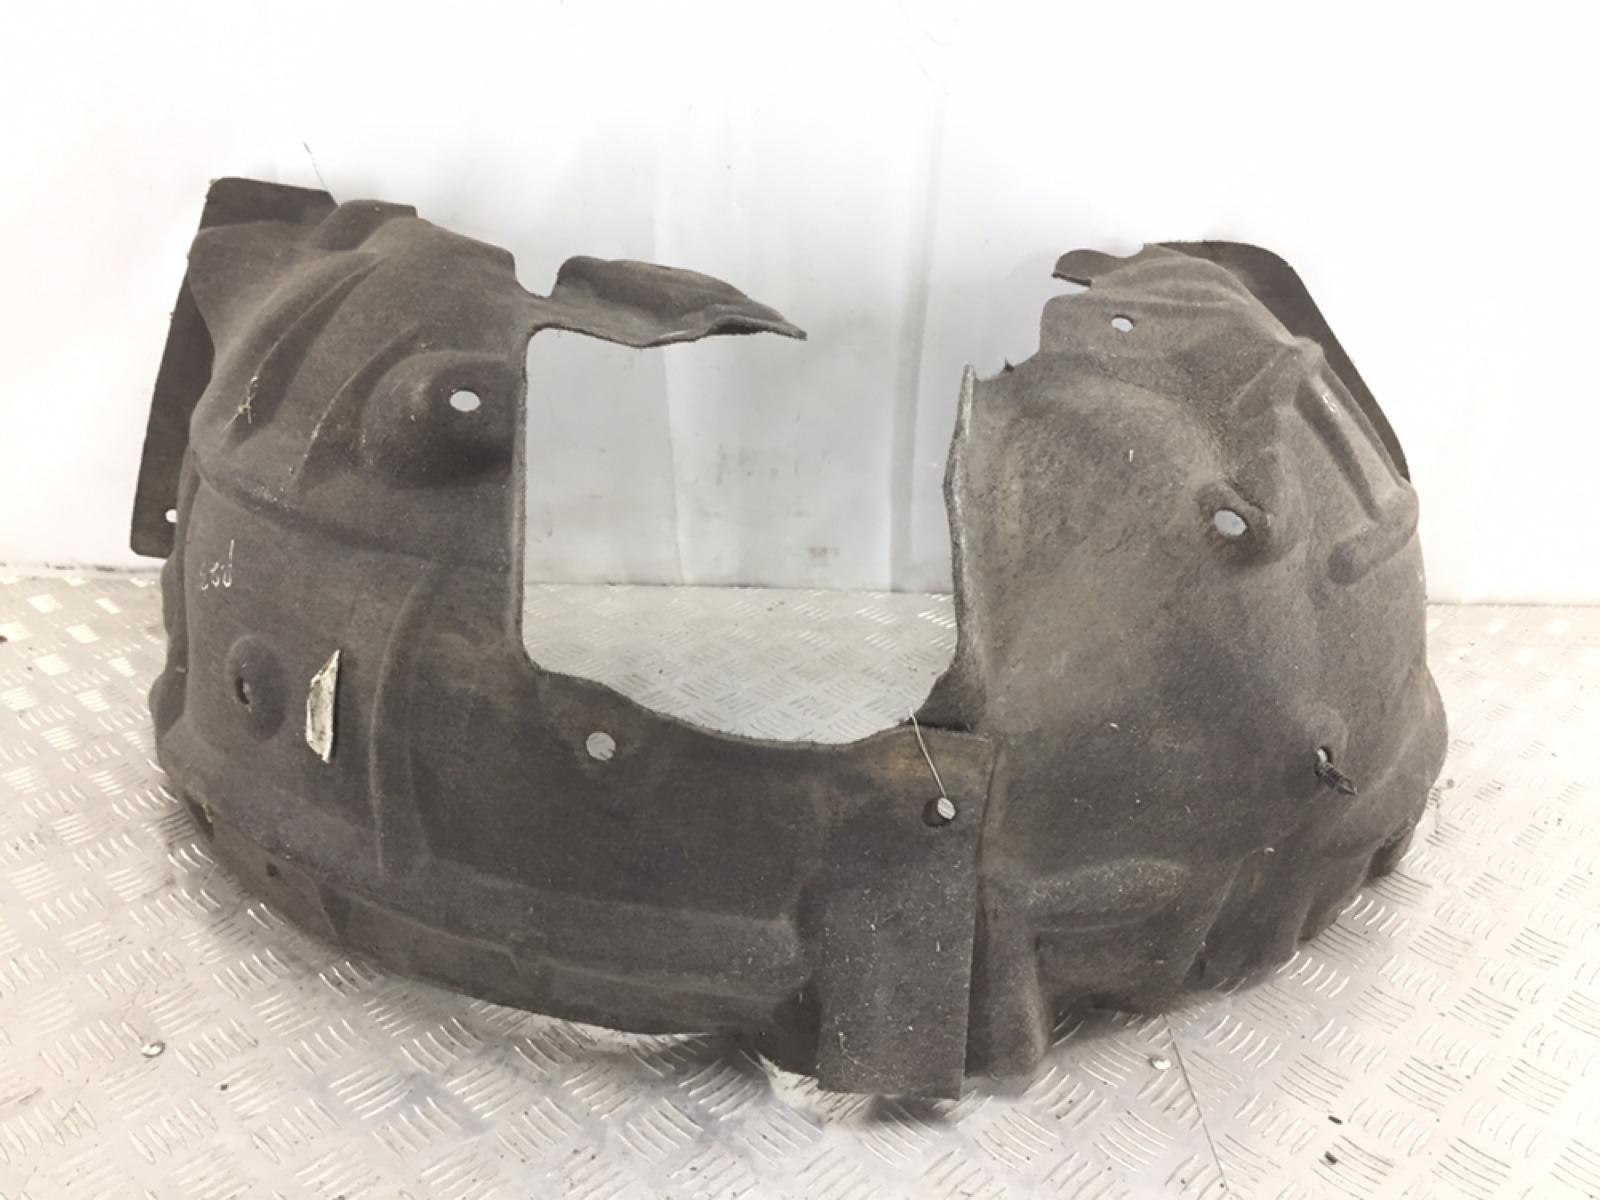 Защита арок передняя правая (подкрылок) Renault Scenic 1.6 I 2011 (б/у)